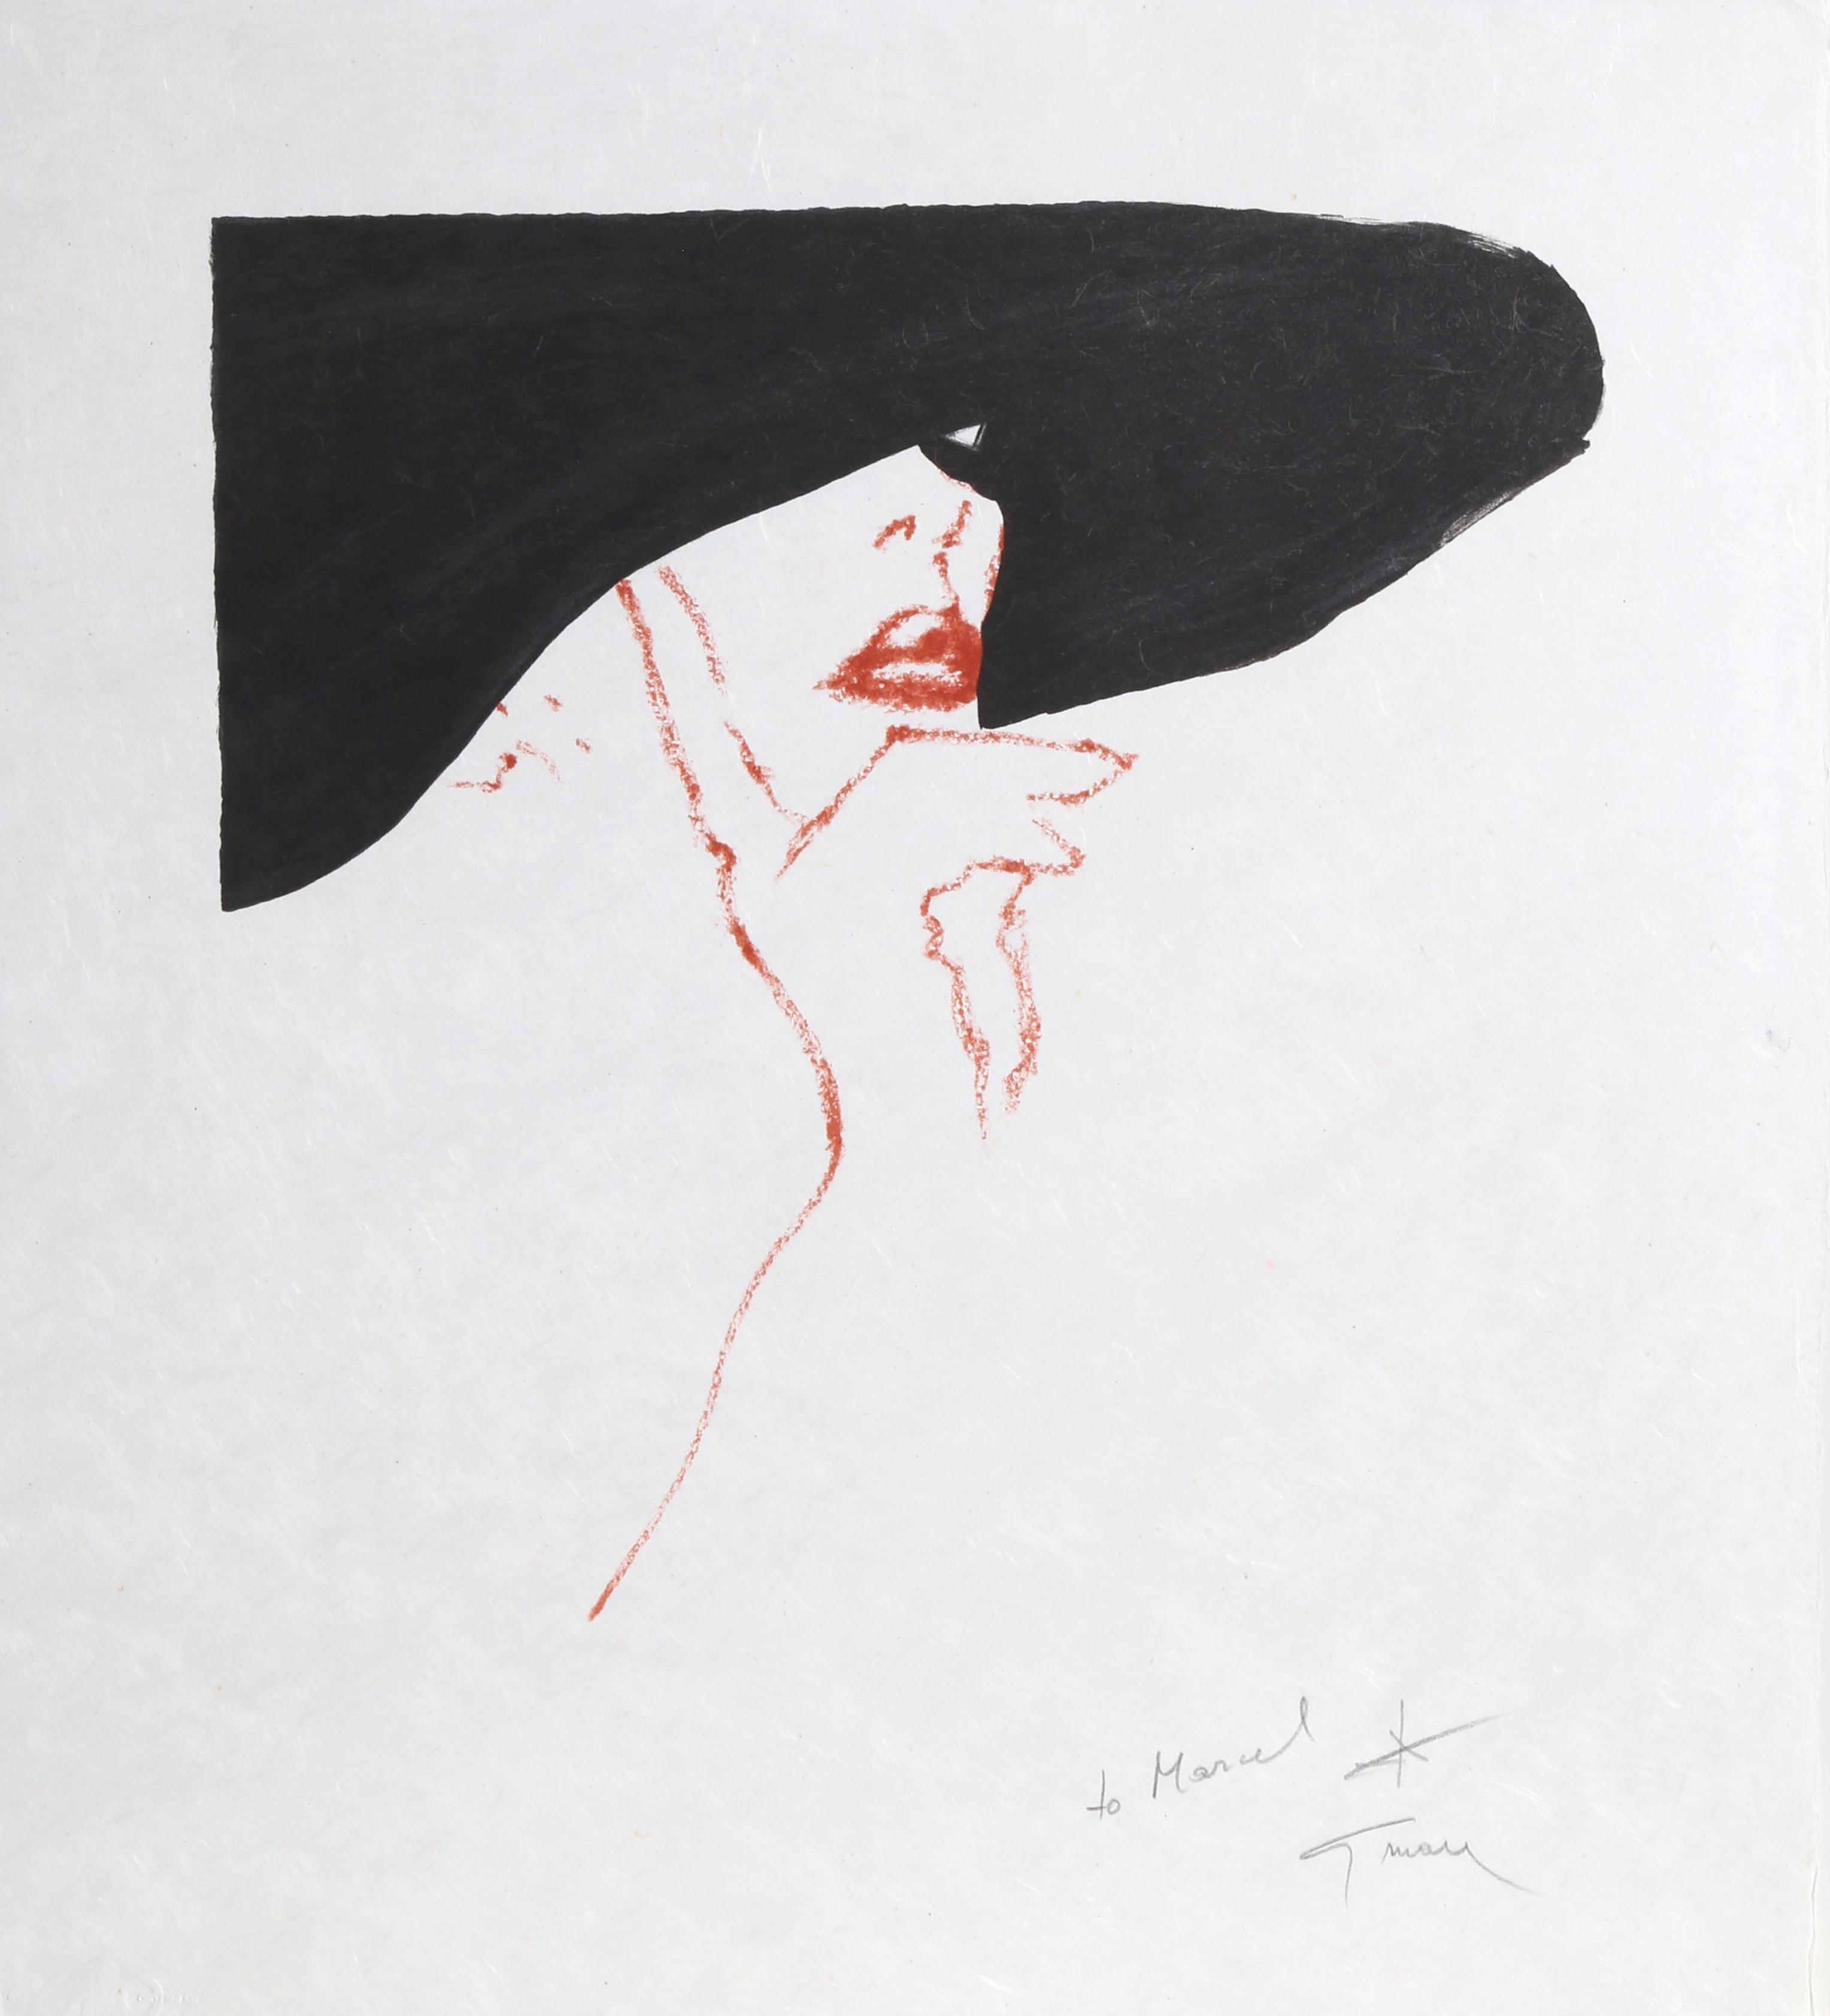 Esquisse de Brigit, Signed Lithograph by Rene Gruau